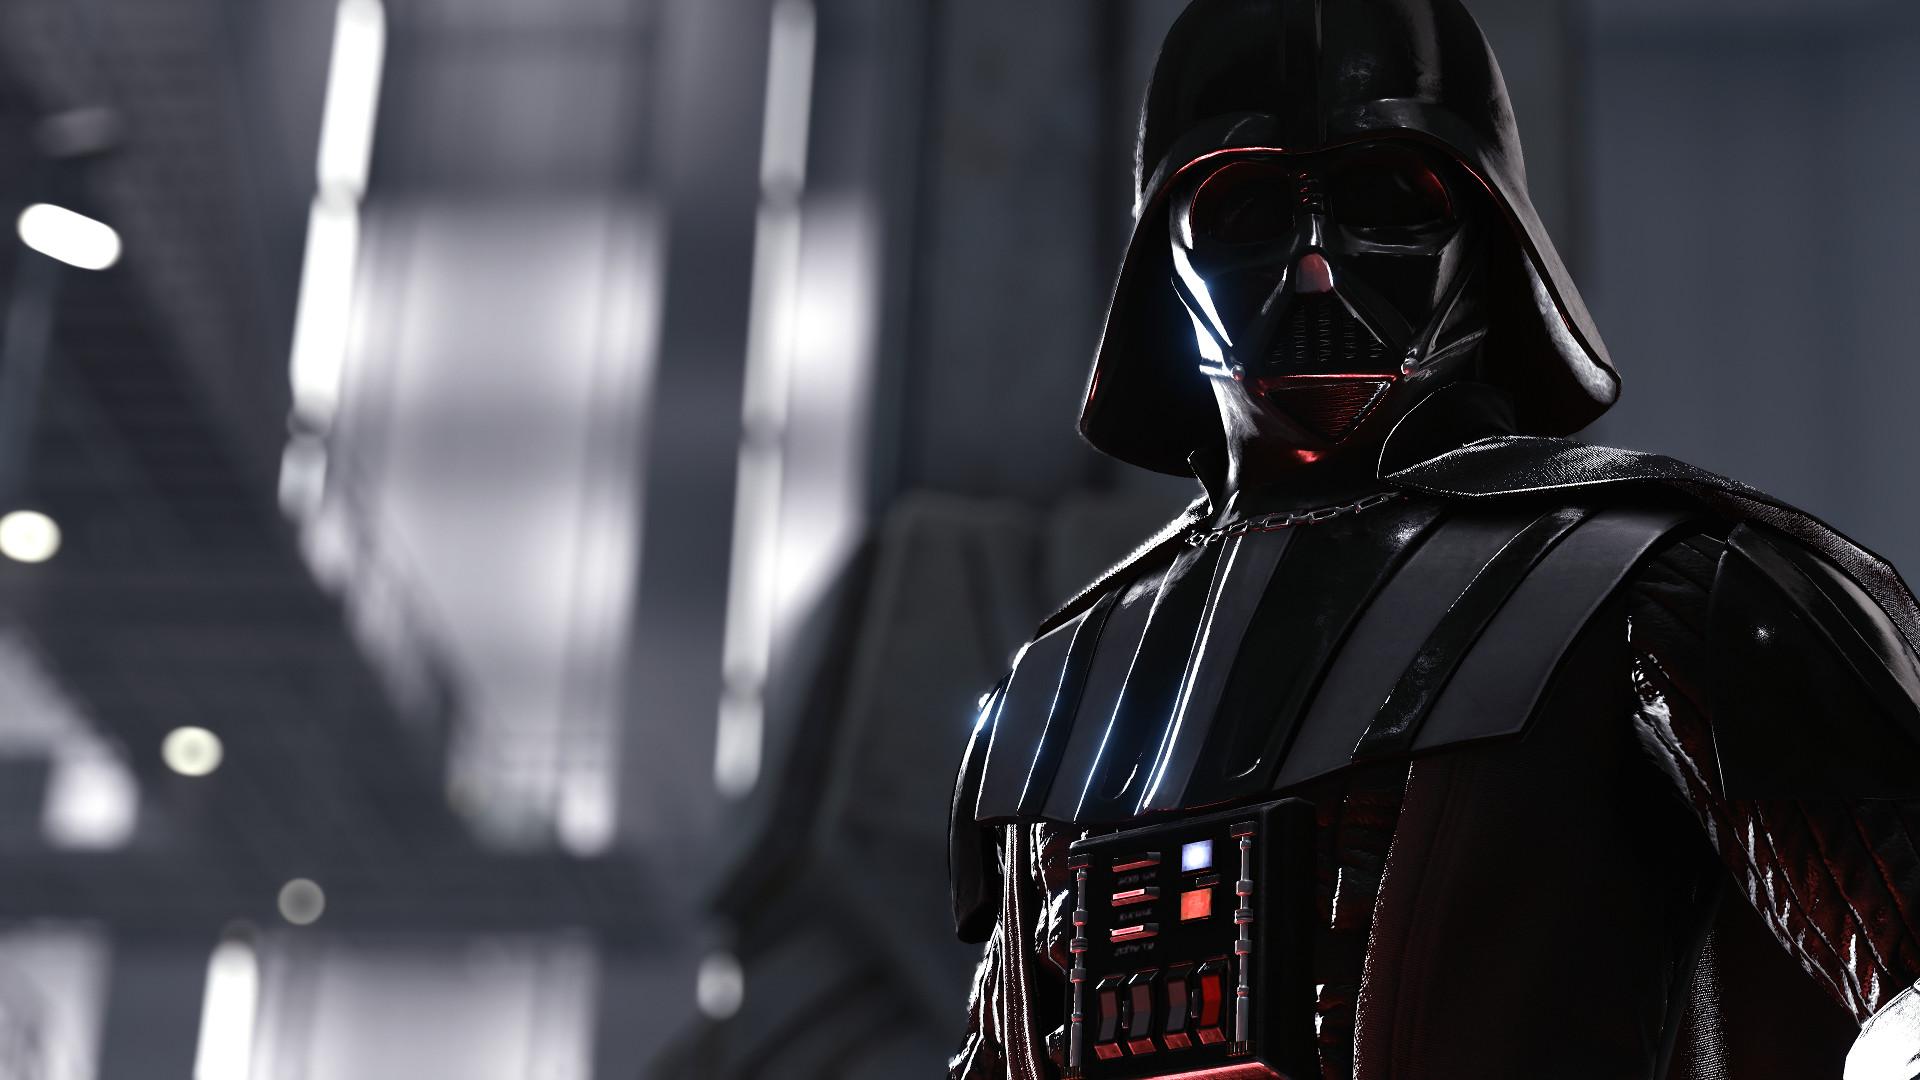 Darth-Vader-Wallpaper-by-Stoelpoot_